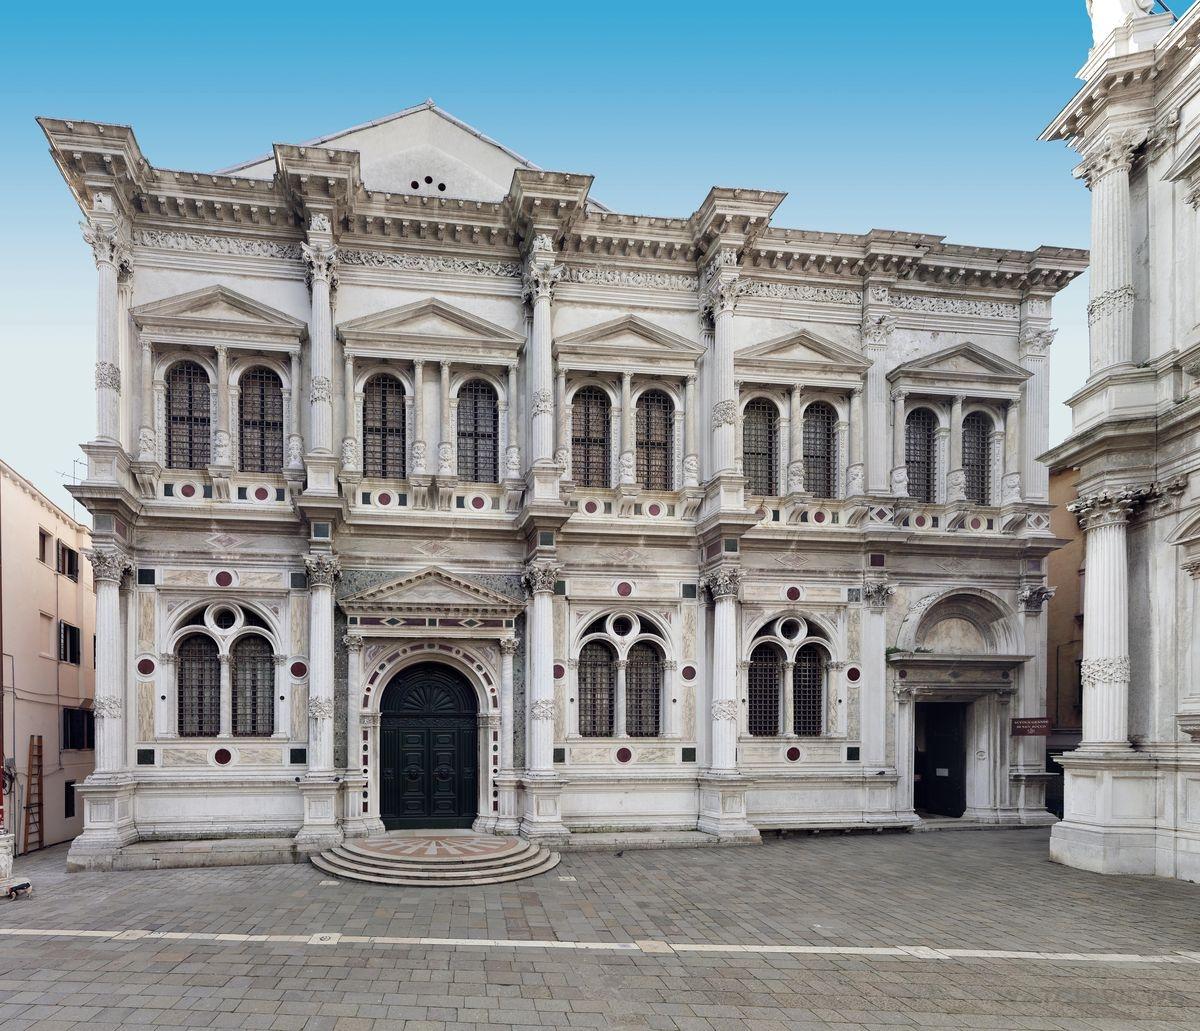 積家贊助威尼斯Grande di San Rocco聖洛克大會堂修復工程